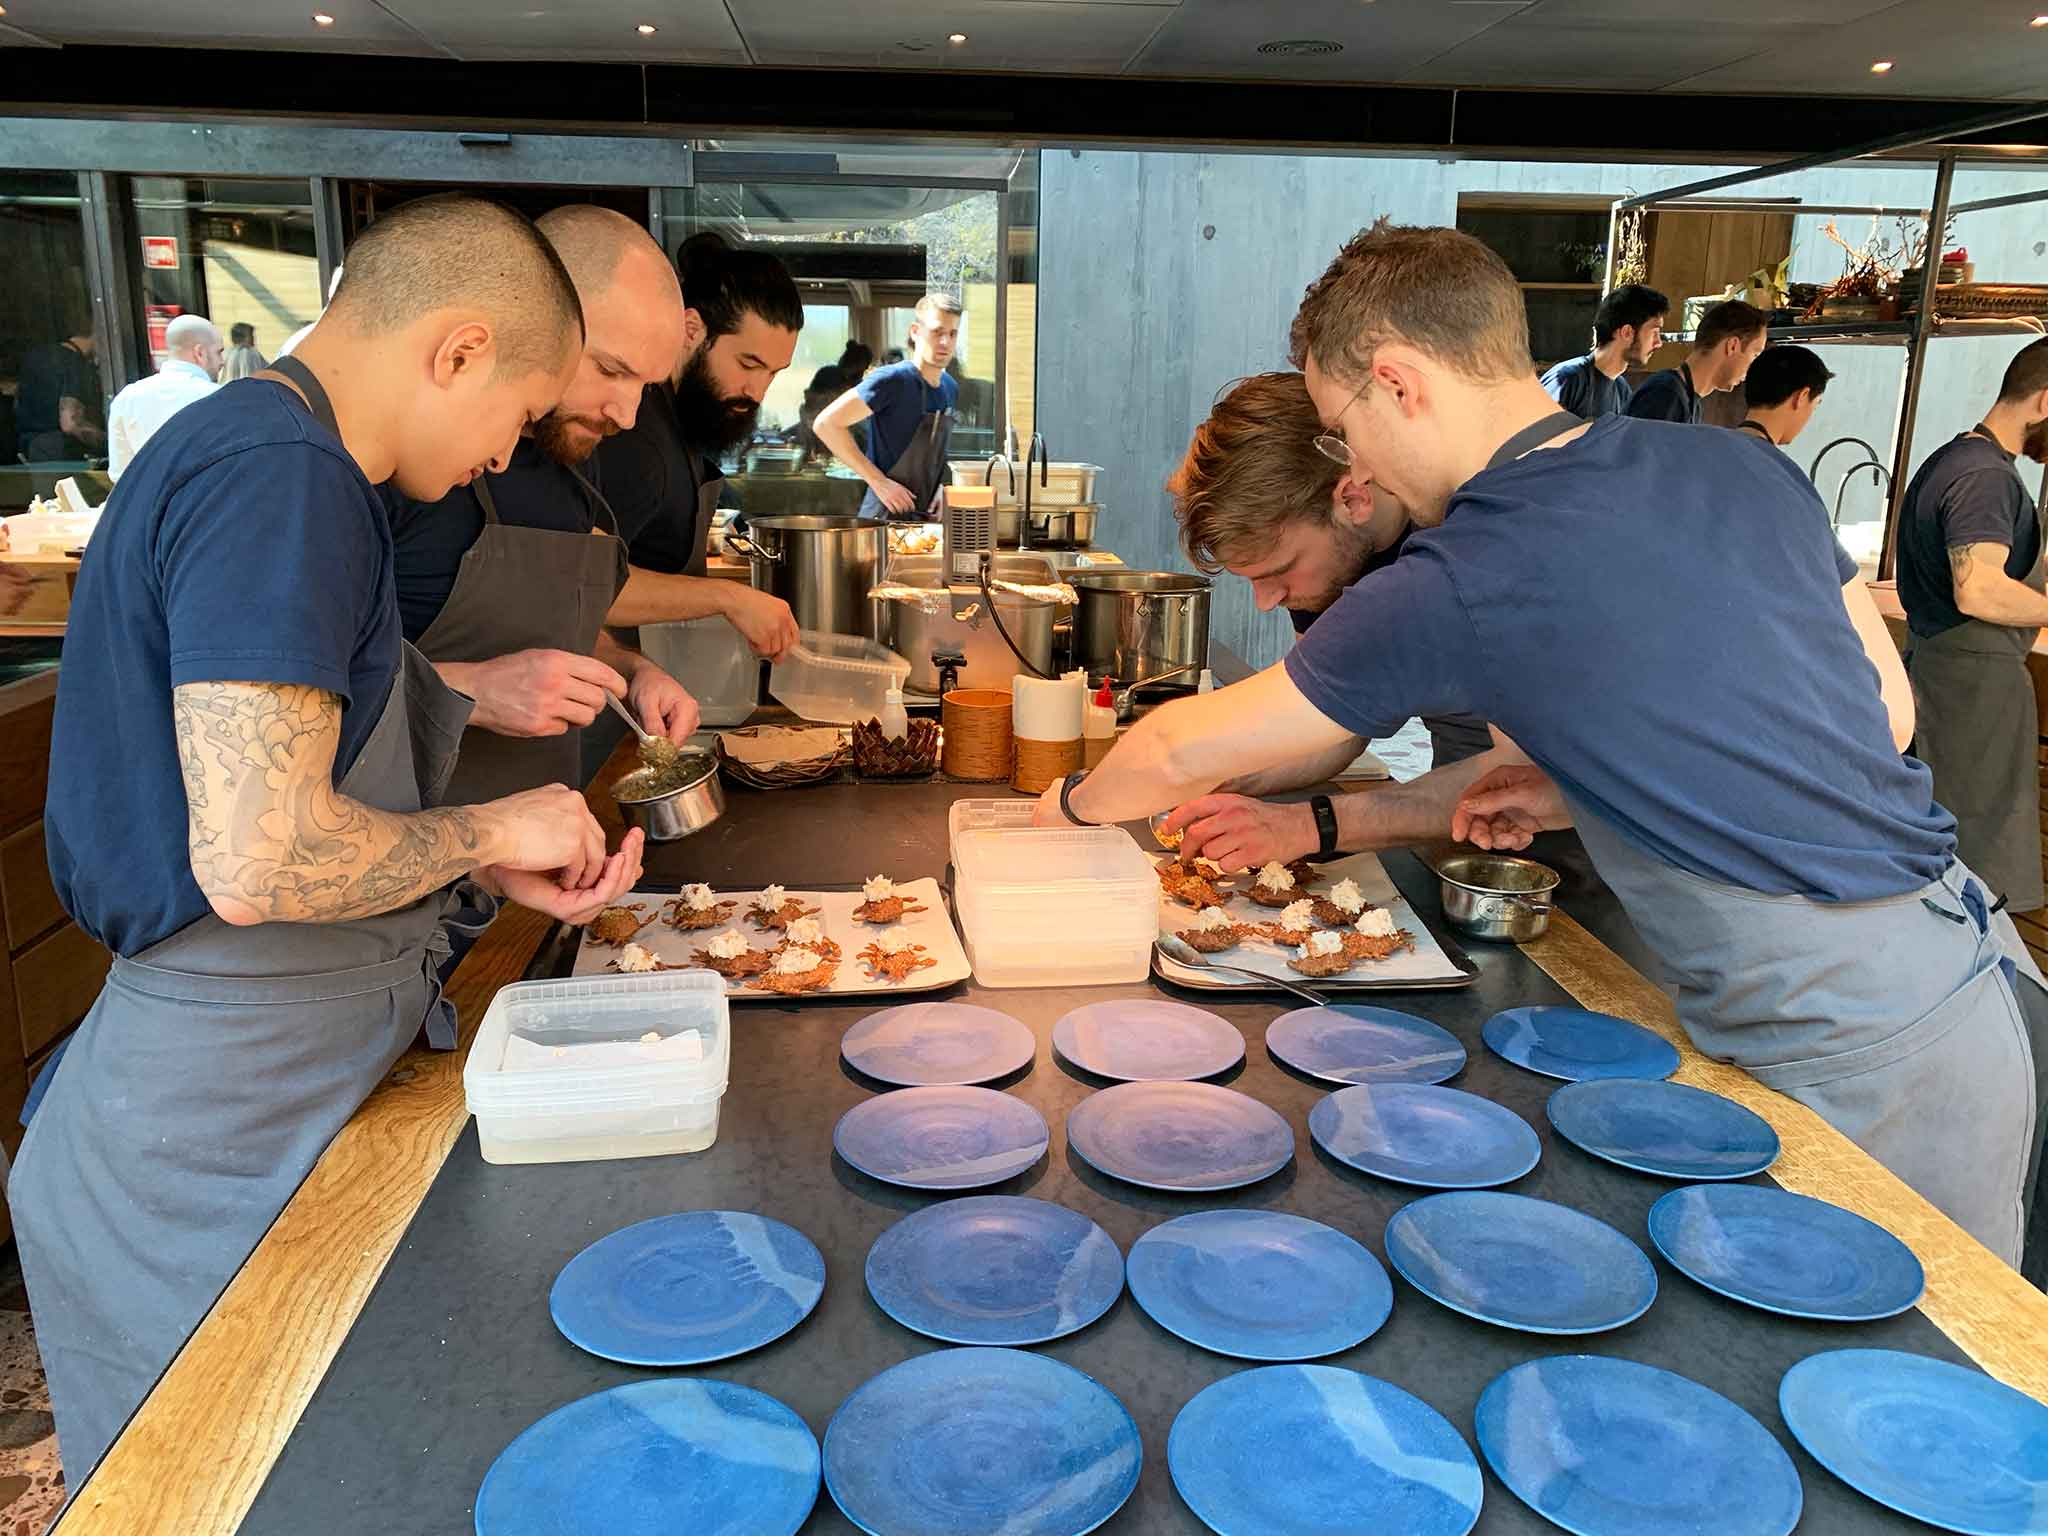 La cucina del Noma 2.0, Copenhagen